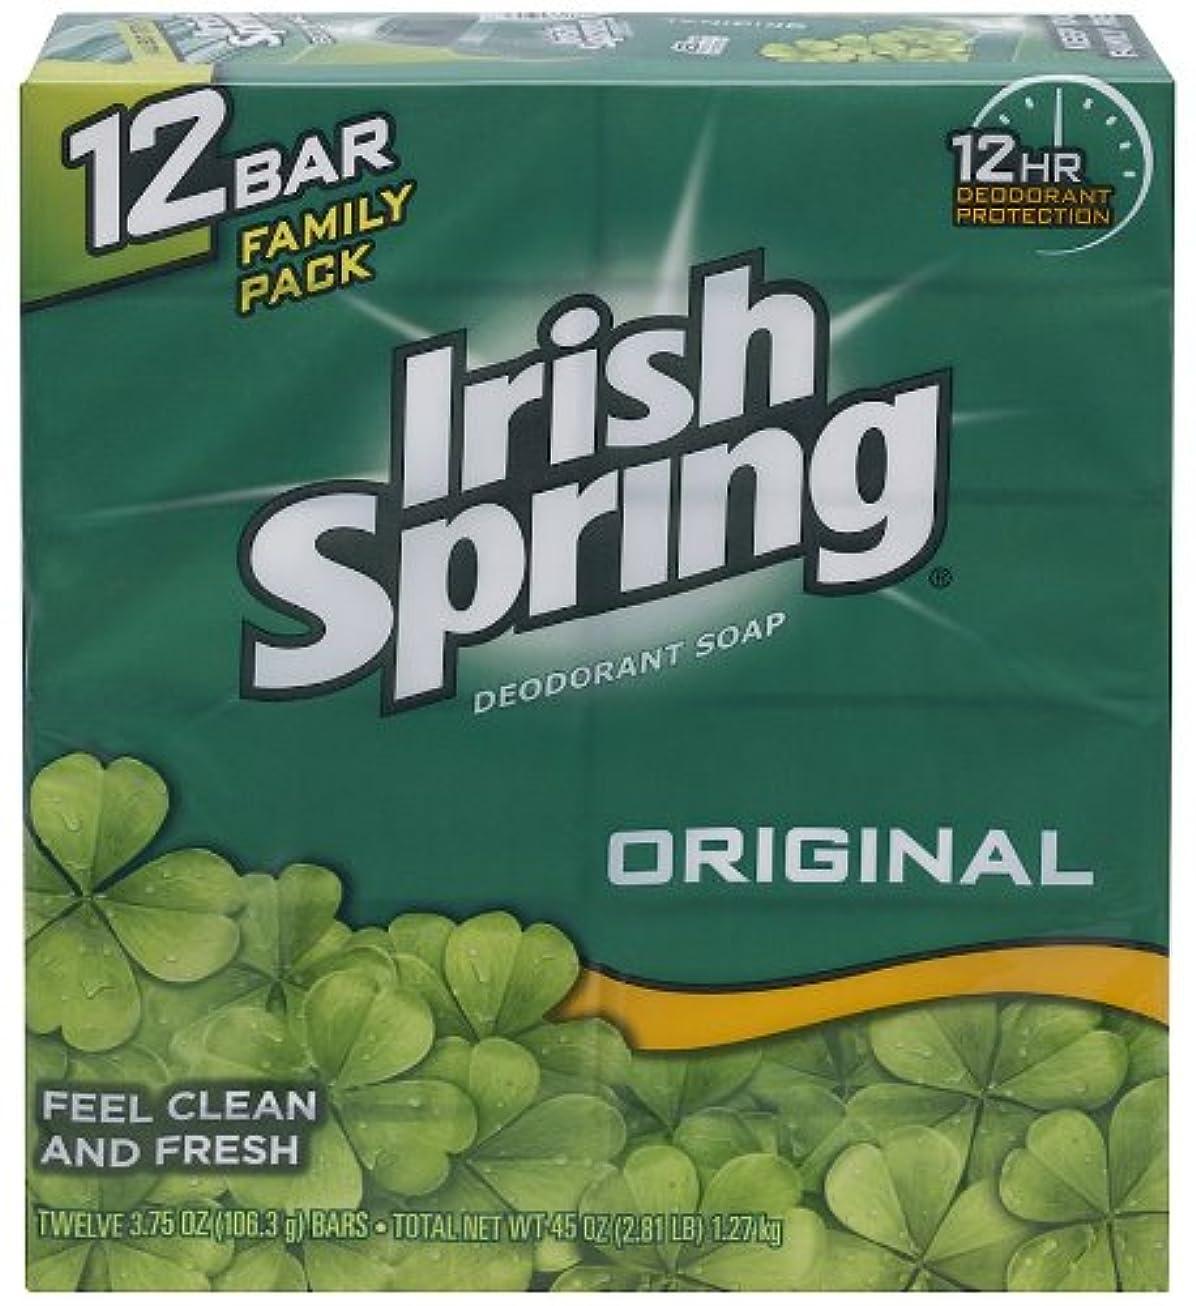 咳ビリー耐えられるIrish Spring 入浴石鹸、オリジナル、3.75オズ。バー、12カウント